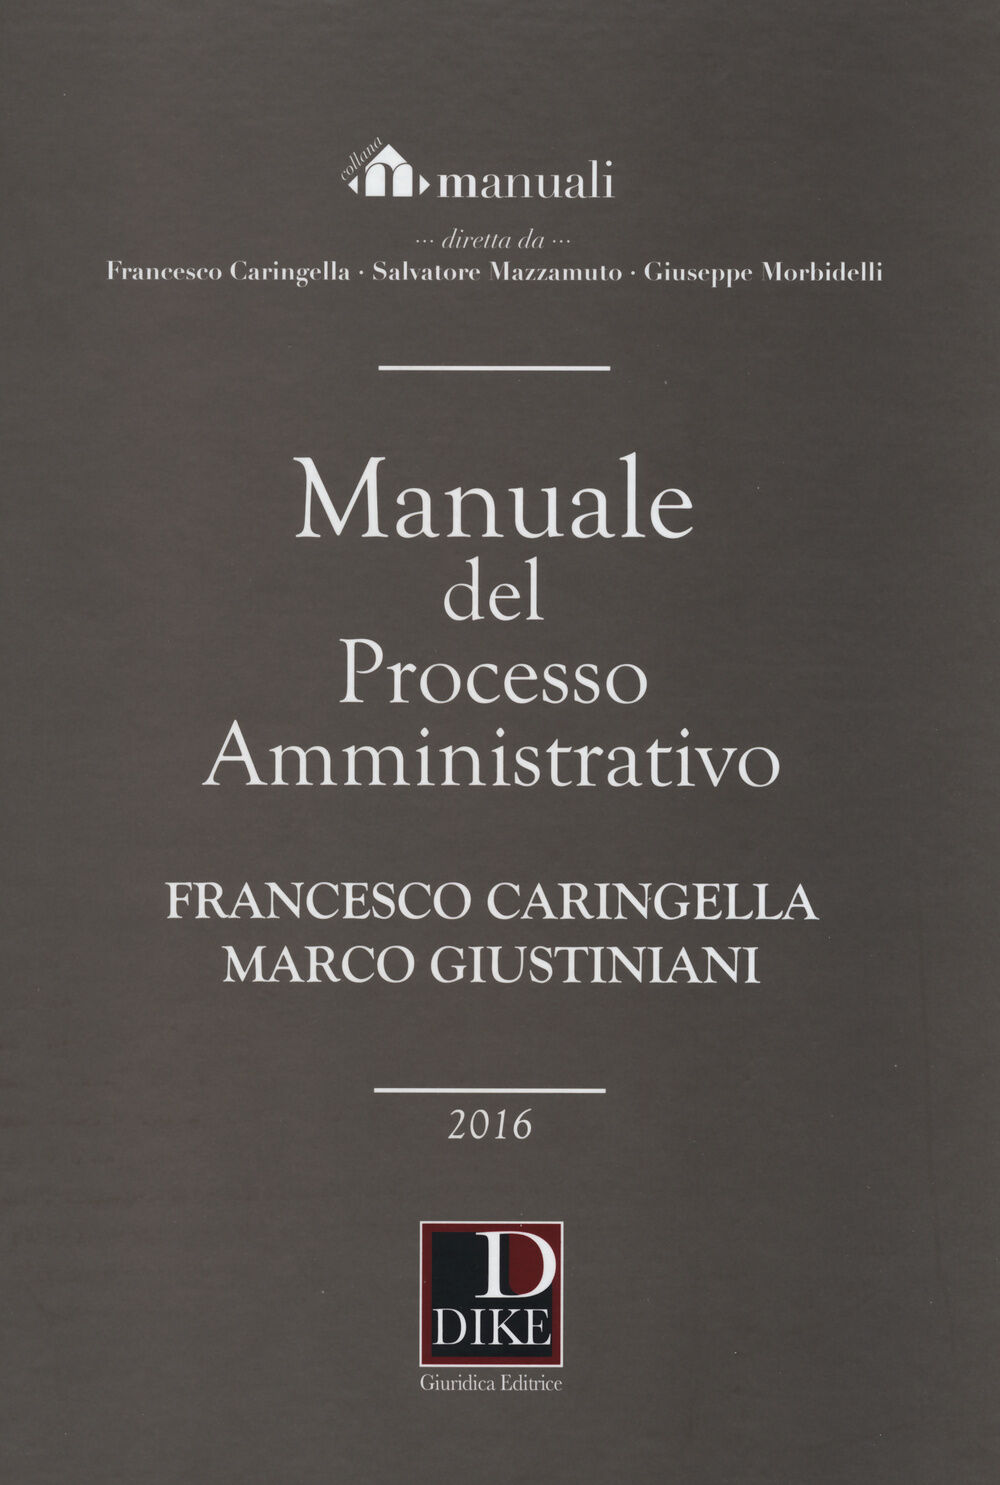 Manuale del processo amministrativo 2016